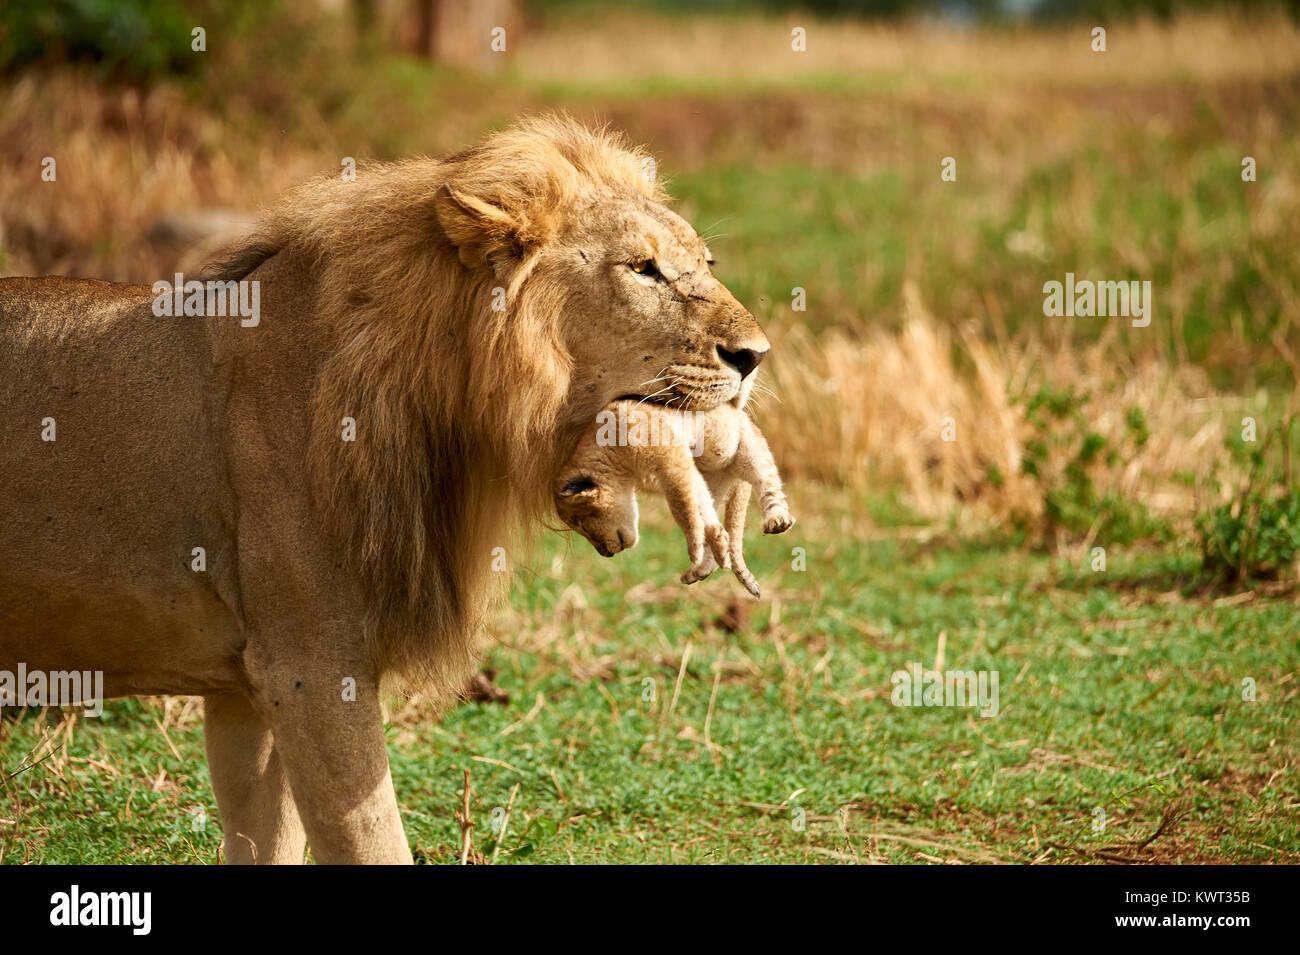 León macho llevando uno de sus cachorros Imagen De Stock